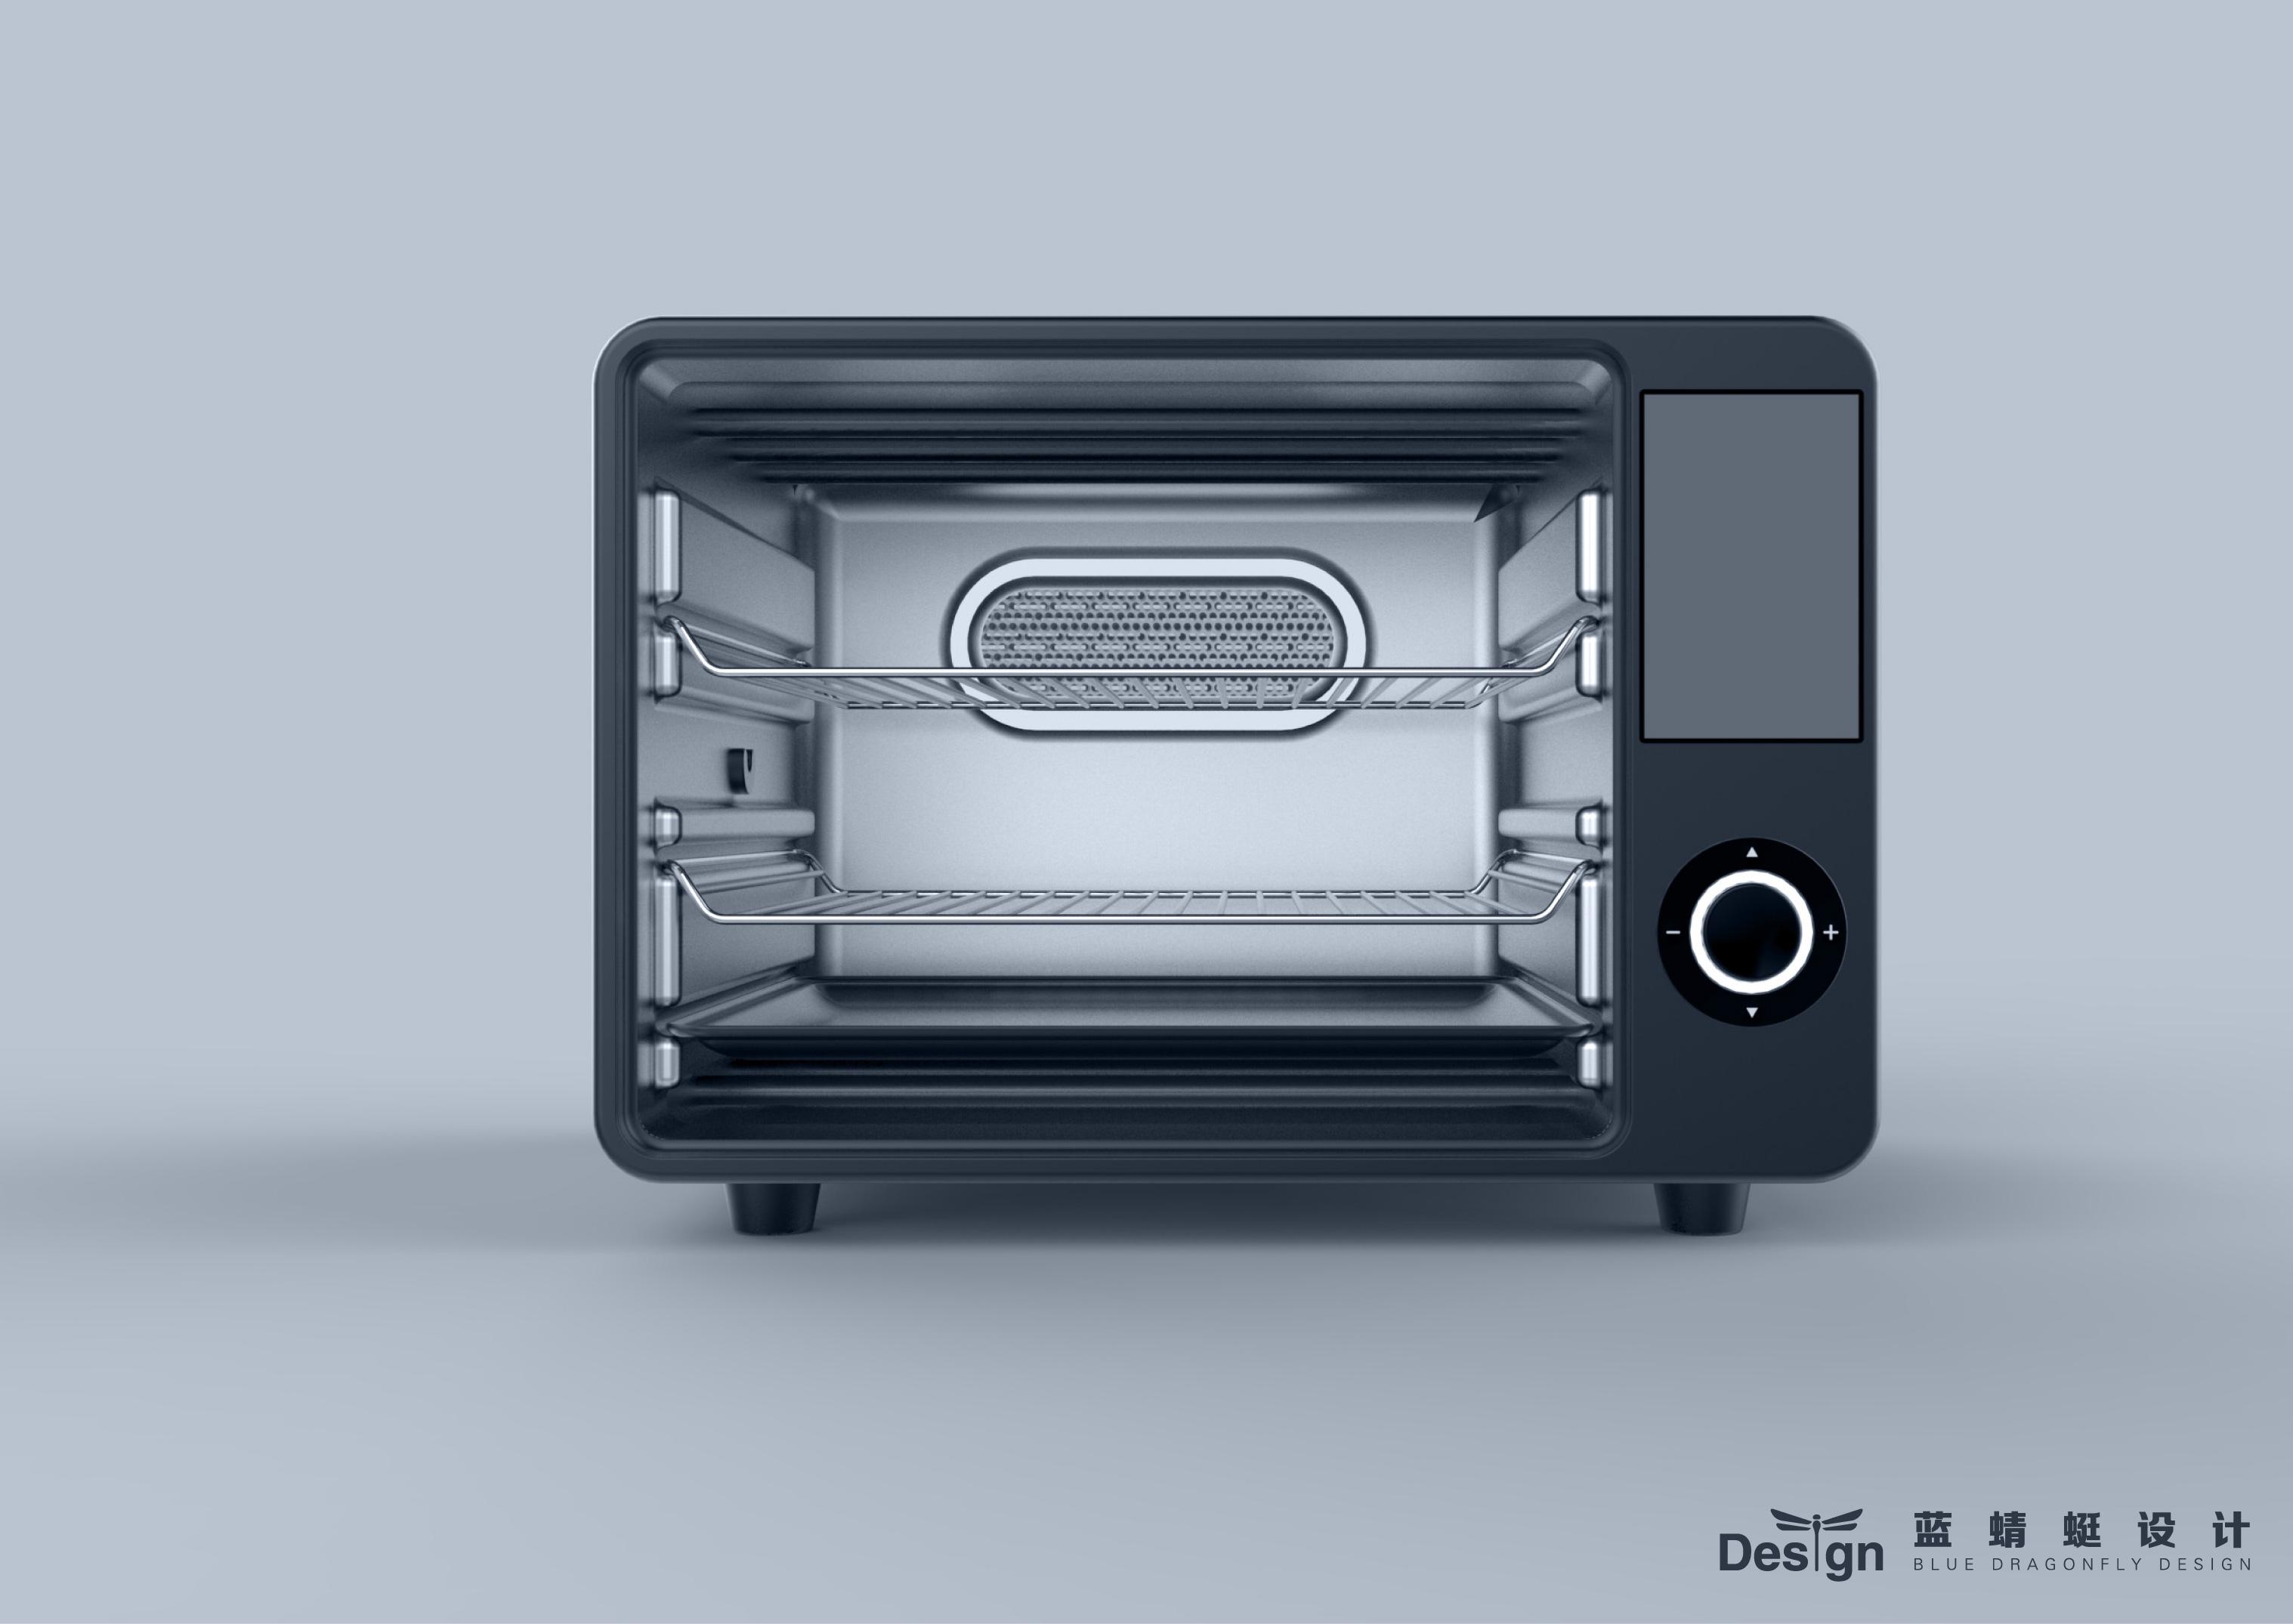 一般的烤箱烤食物都容易将表面烤焦,而里面也比较干涩,无论是口感还是营养都遭到破坏。借鉴中华千年美食文化无菜不蒸的特点想到了能不能在烤箱中加入蒸汽的概念。该烤箱使用蒸汽和独特的热控制系统,达到接近完美的烤制效果。在烘烤的第一阶段,由于蒸汽的加入,食物的外层可以迅速烘烤,蒸汽则保持食物内的水分和香味,可以实现恰到好处的外酥里嫩口感。这样蒸烤出来的食物,外观色泽金黄美观,在热控制系统监控下,温度也可以自由调节不会烤糊食材表层。独特的设计让烤箱的功能得到拓展,对于很多食品都有能达到很好的烤制效果。